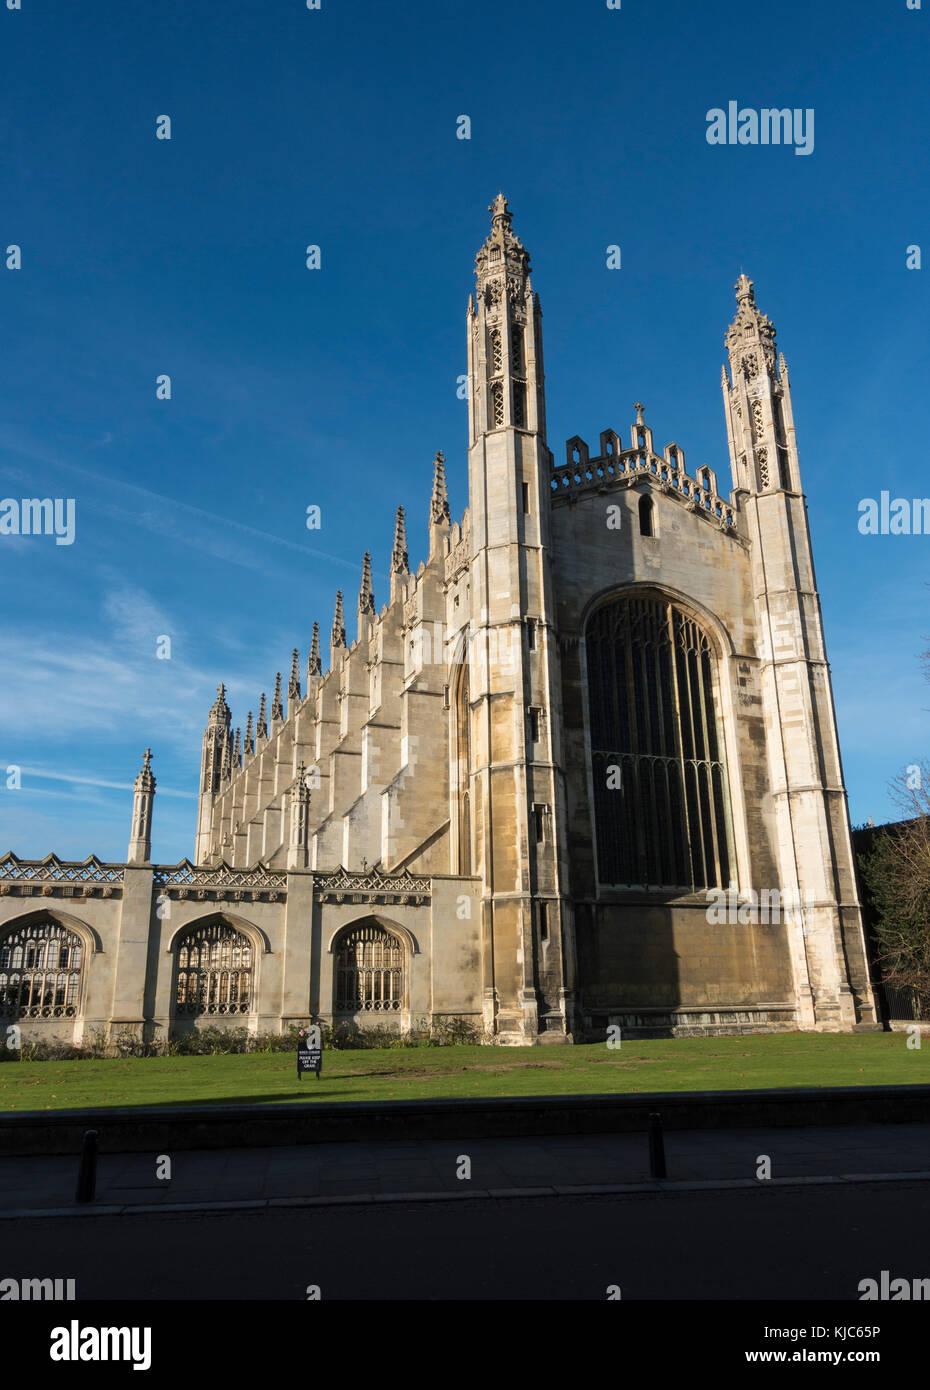 kings-college-chapel-east-end-cambridge-